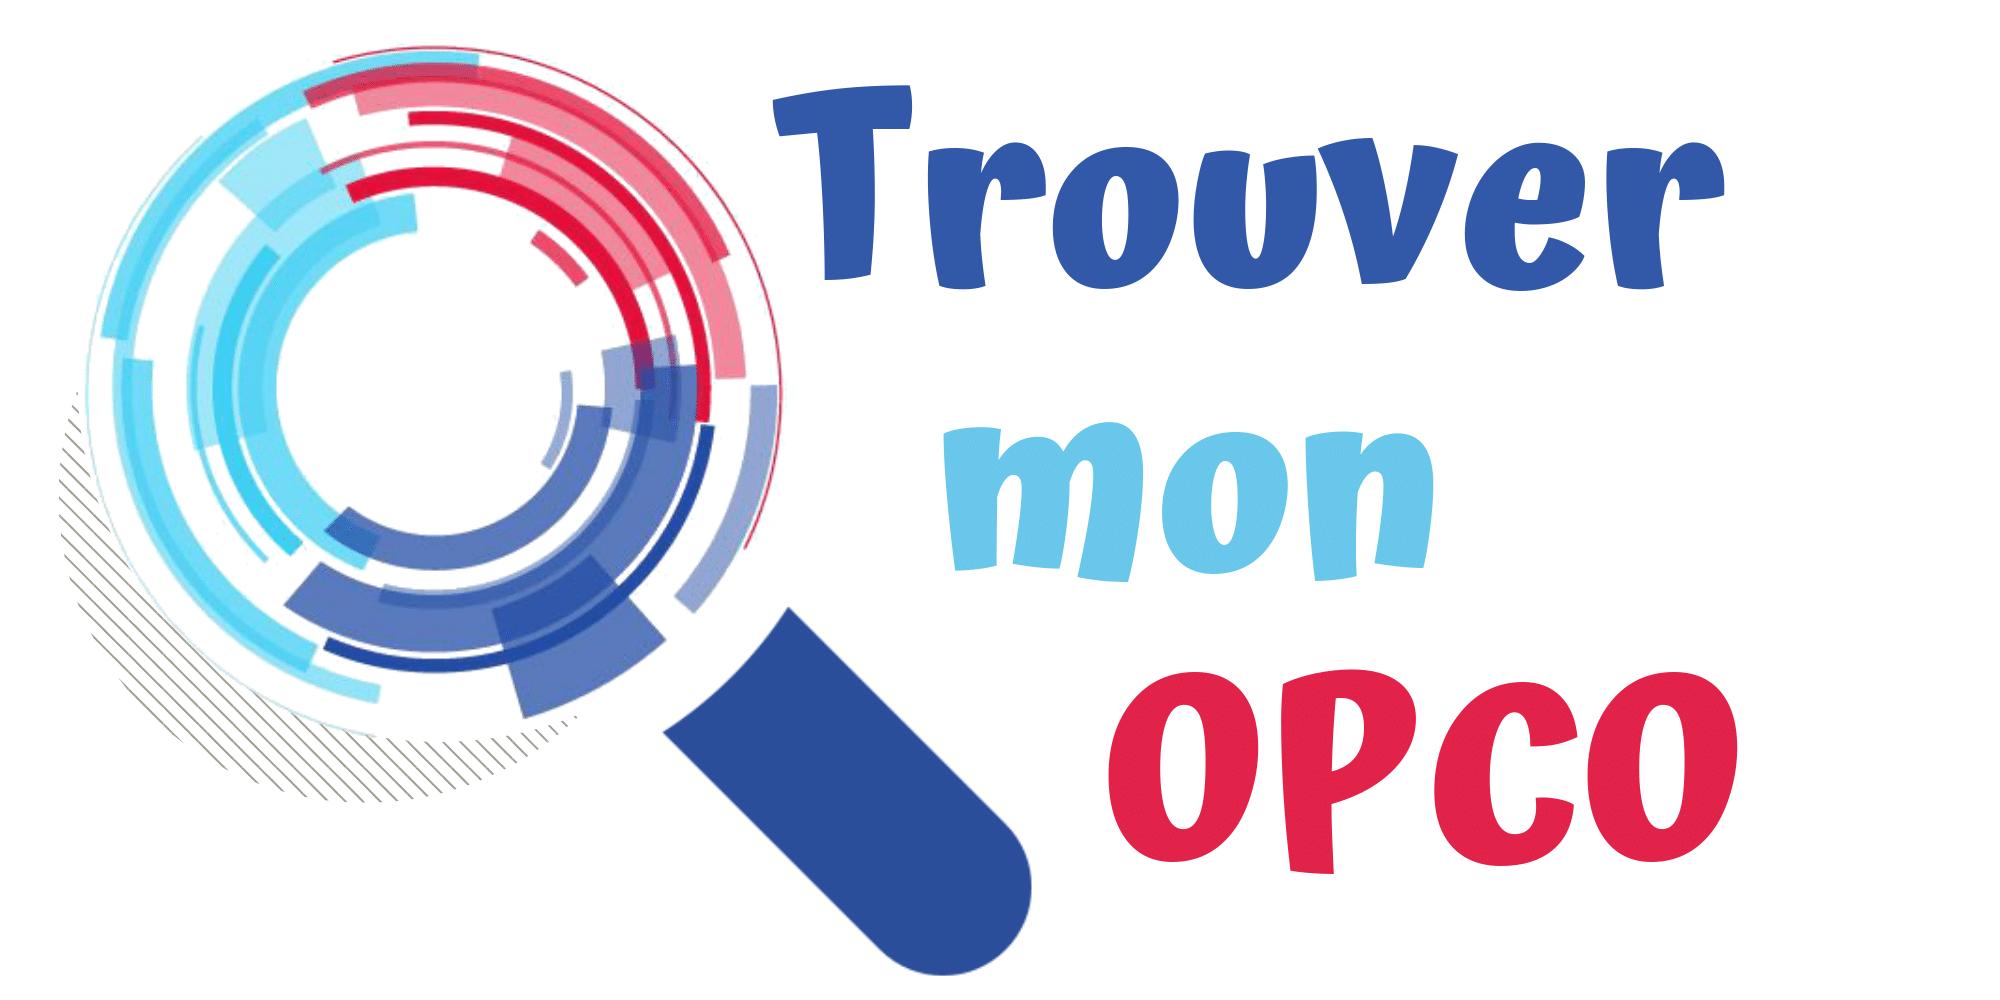 logo-TrouvermonOpco